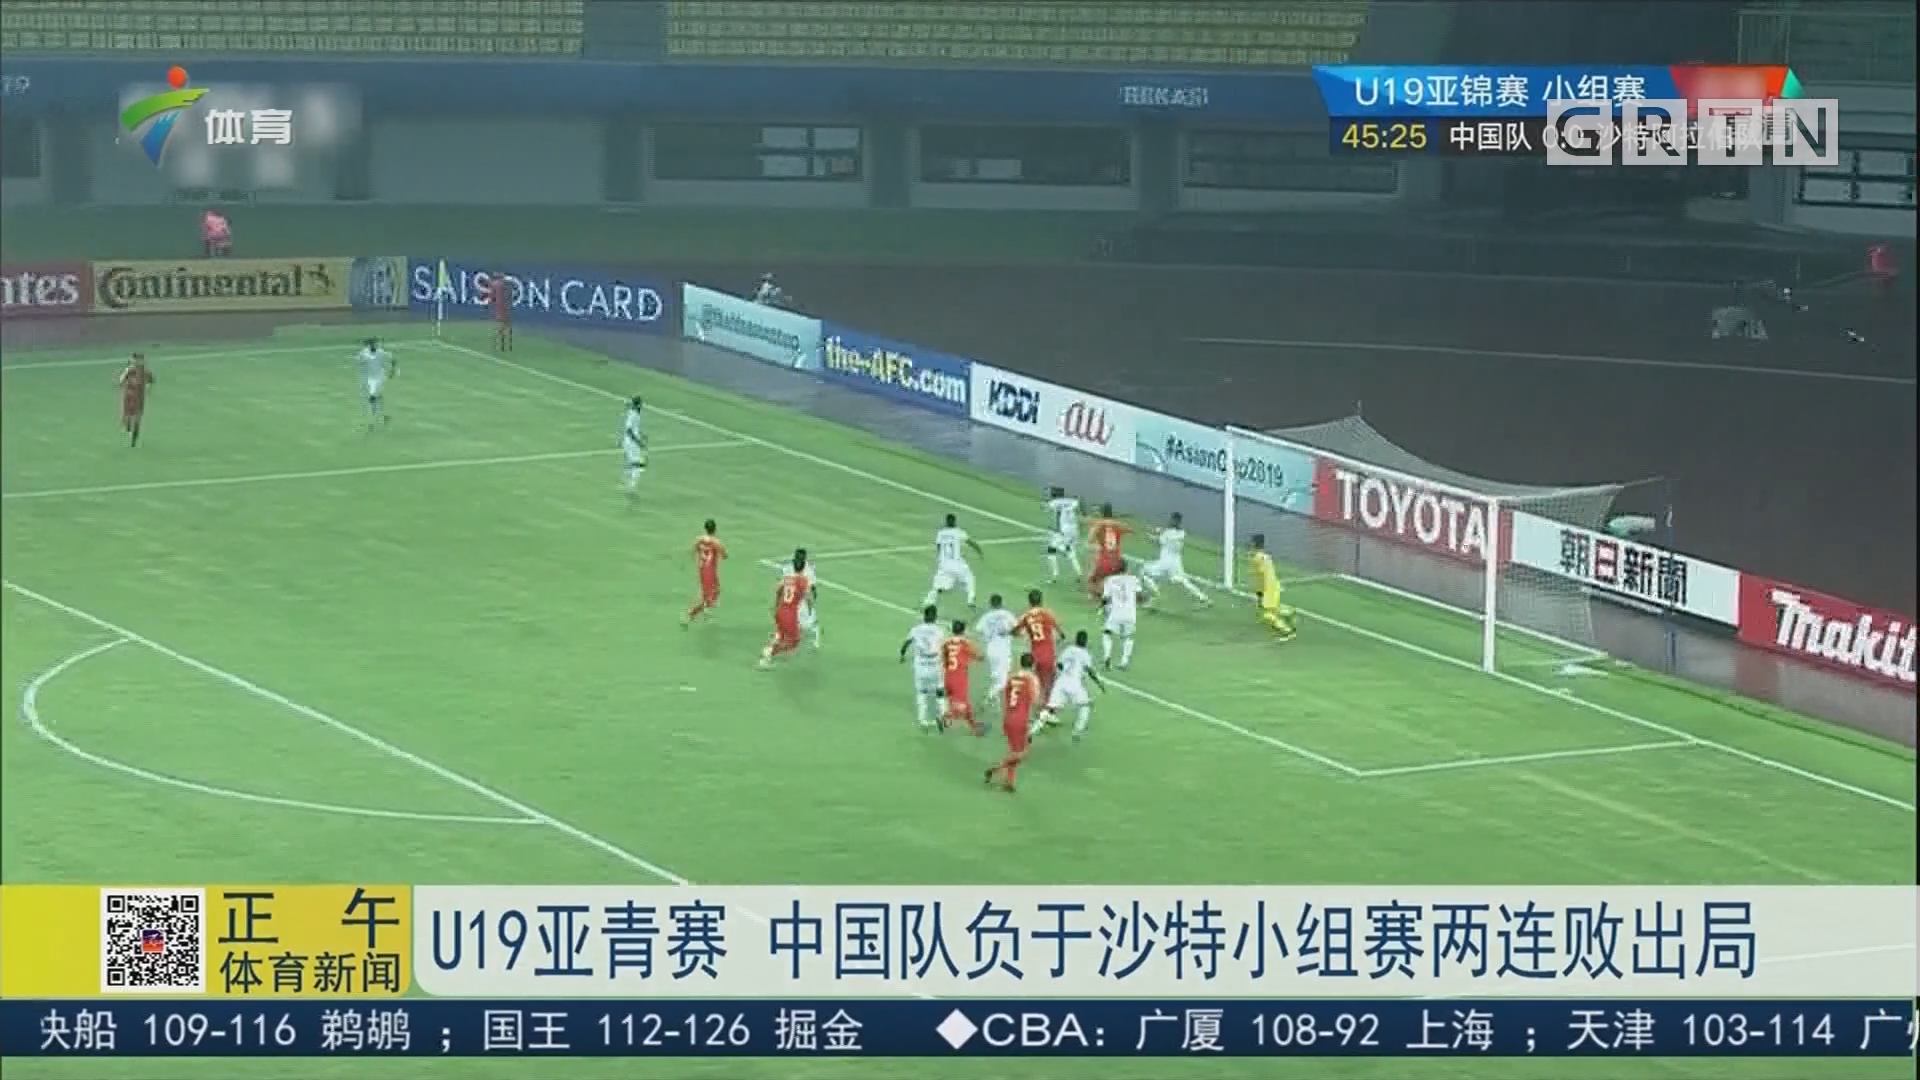 U19亚青赛 中国队负于沙特小组赛两连败出局